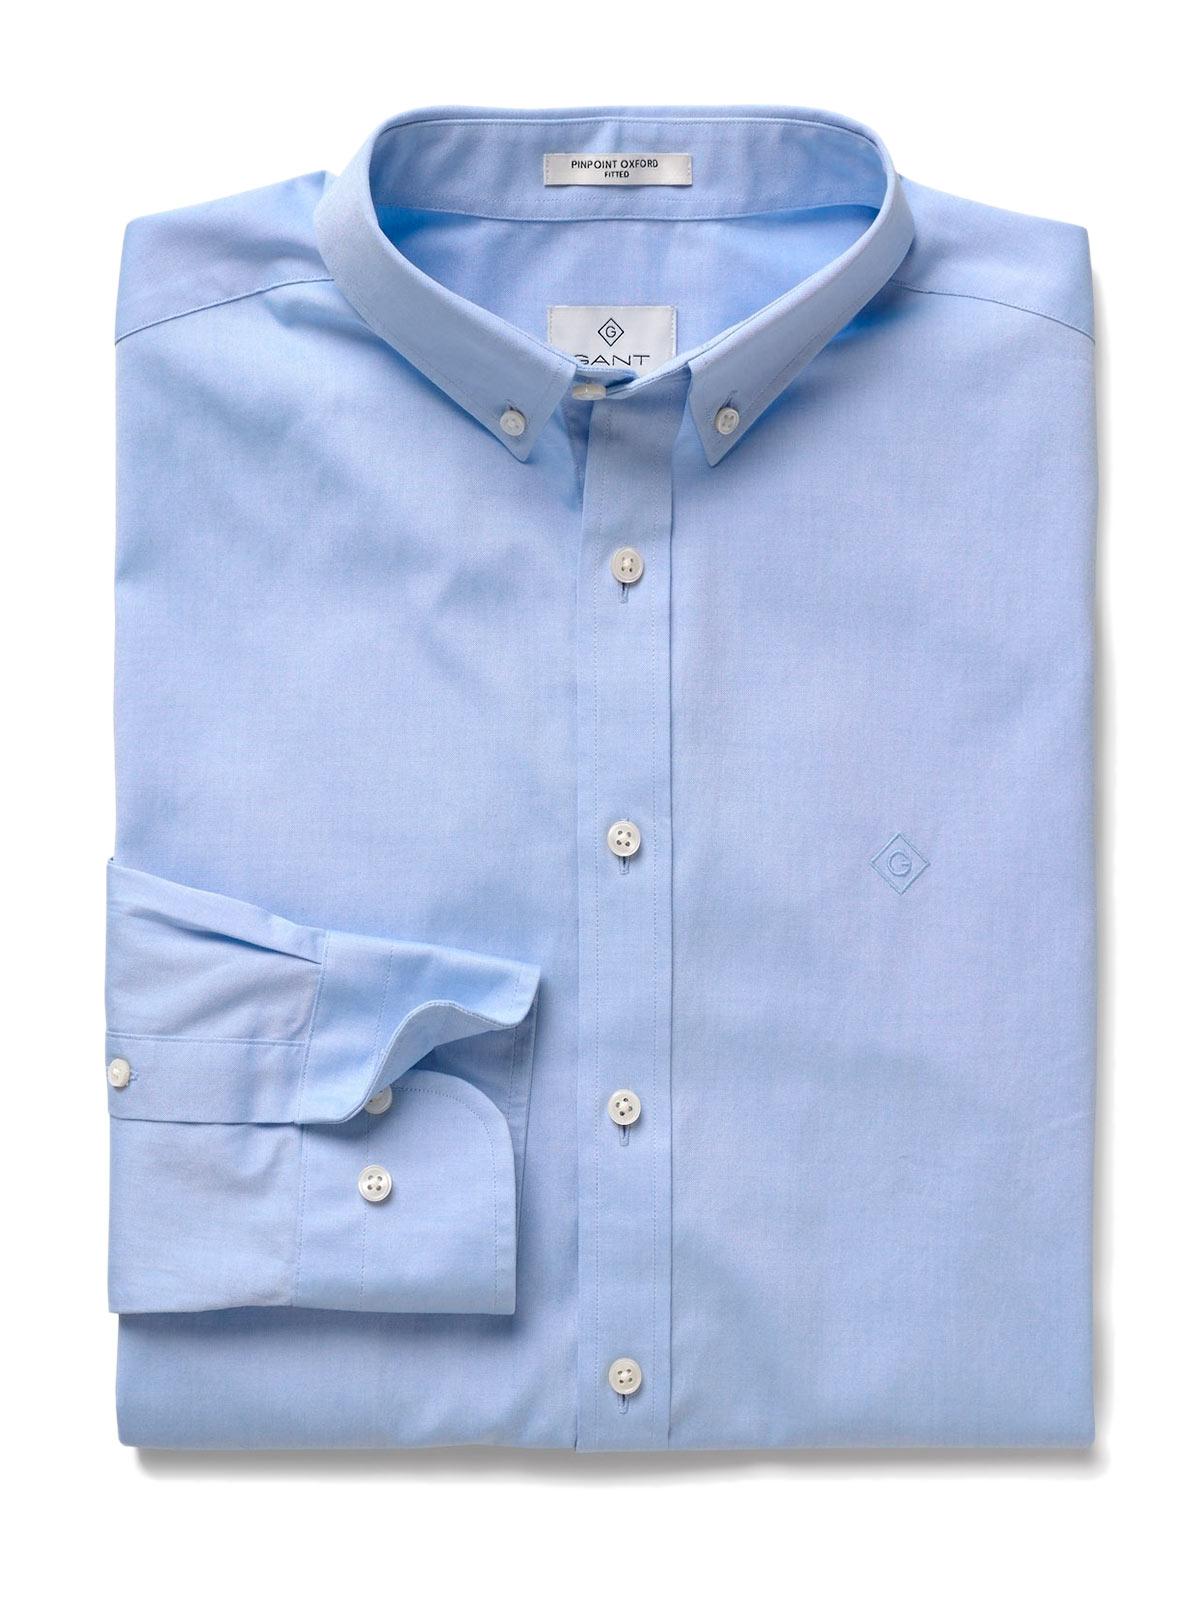 Immagine di GANT | Camicia Uomo Oxford